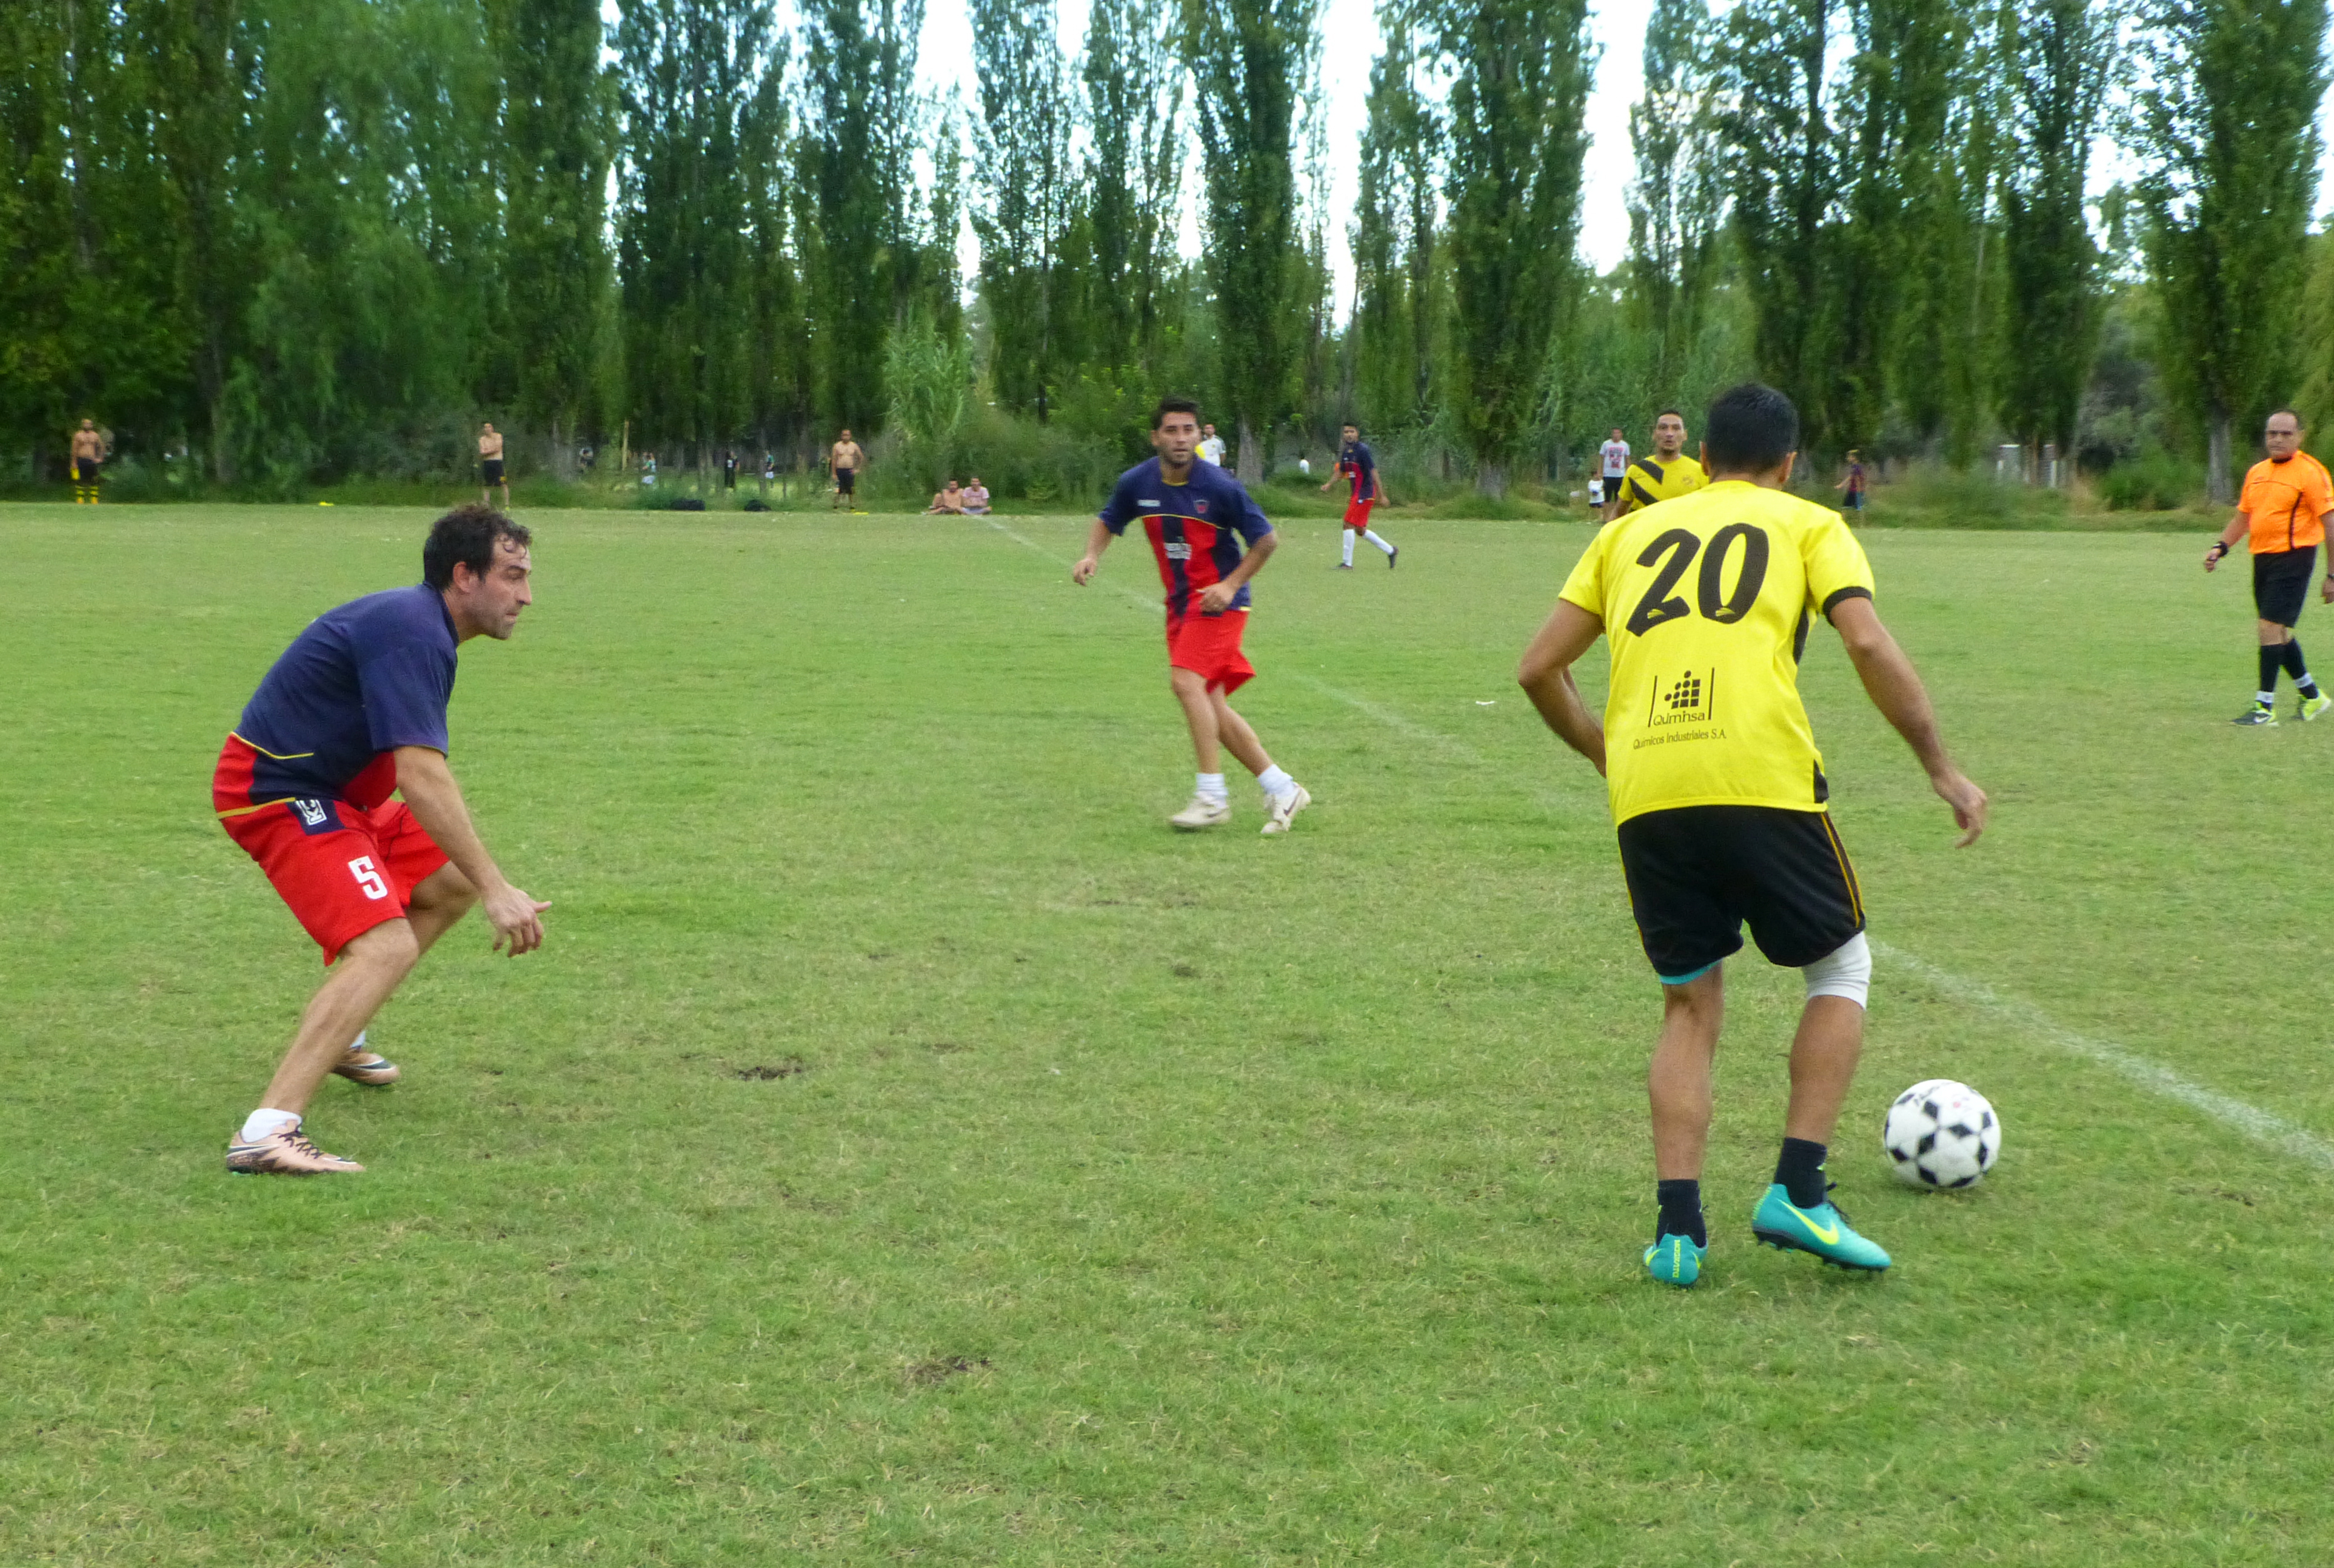 Desde Mendoza, Argentina, el equipo Stimaoz cuenta sobre su historia, sus logros, su objetivo para este 2017 y confiesa qué es lo más lindo, para ellos, del Fútbol Amateur.